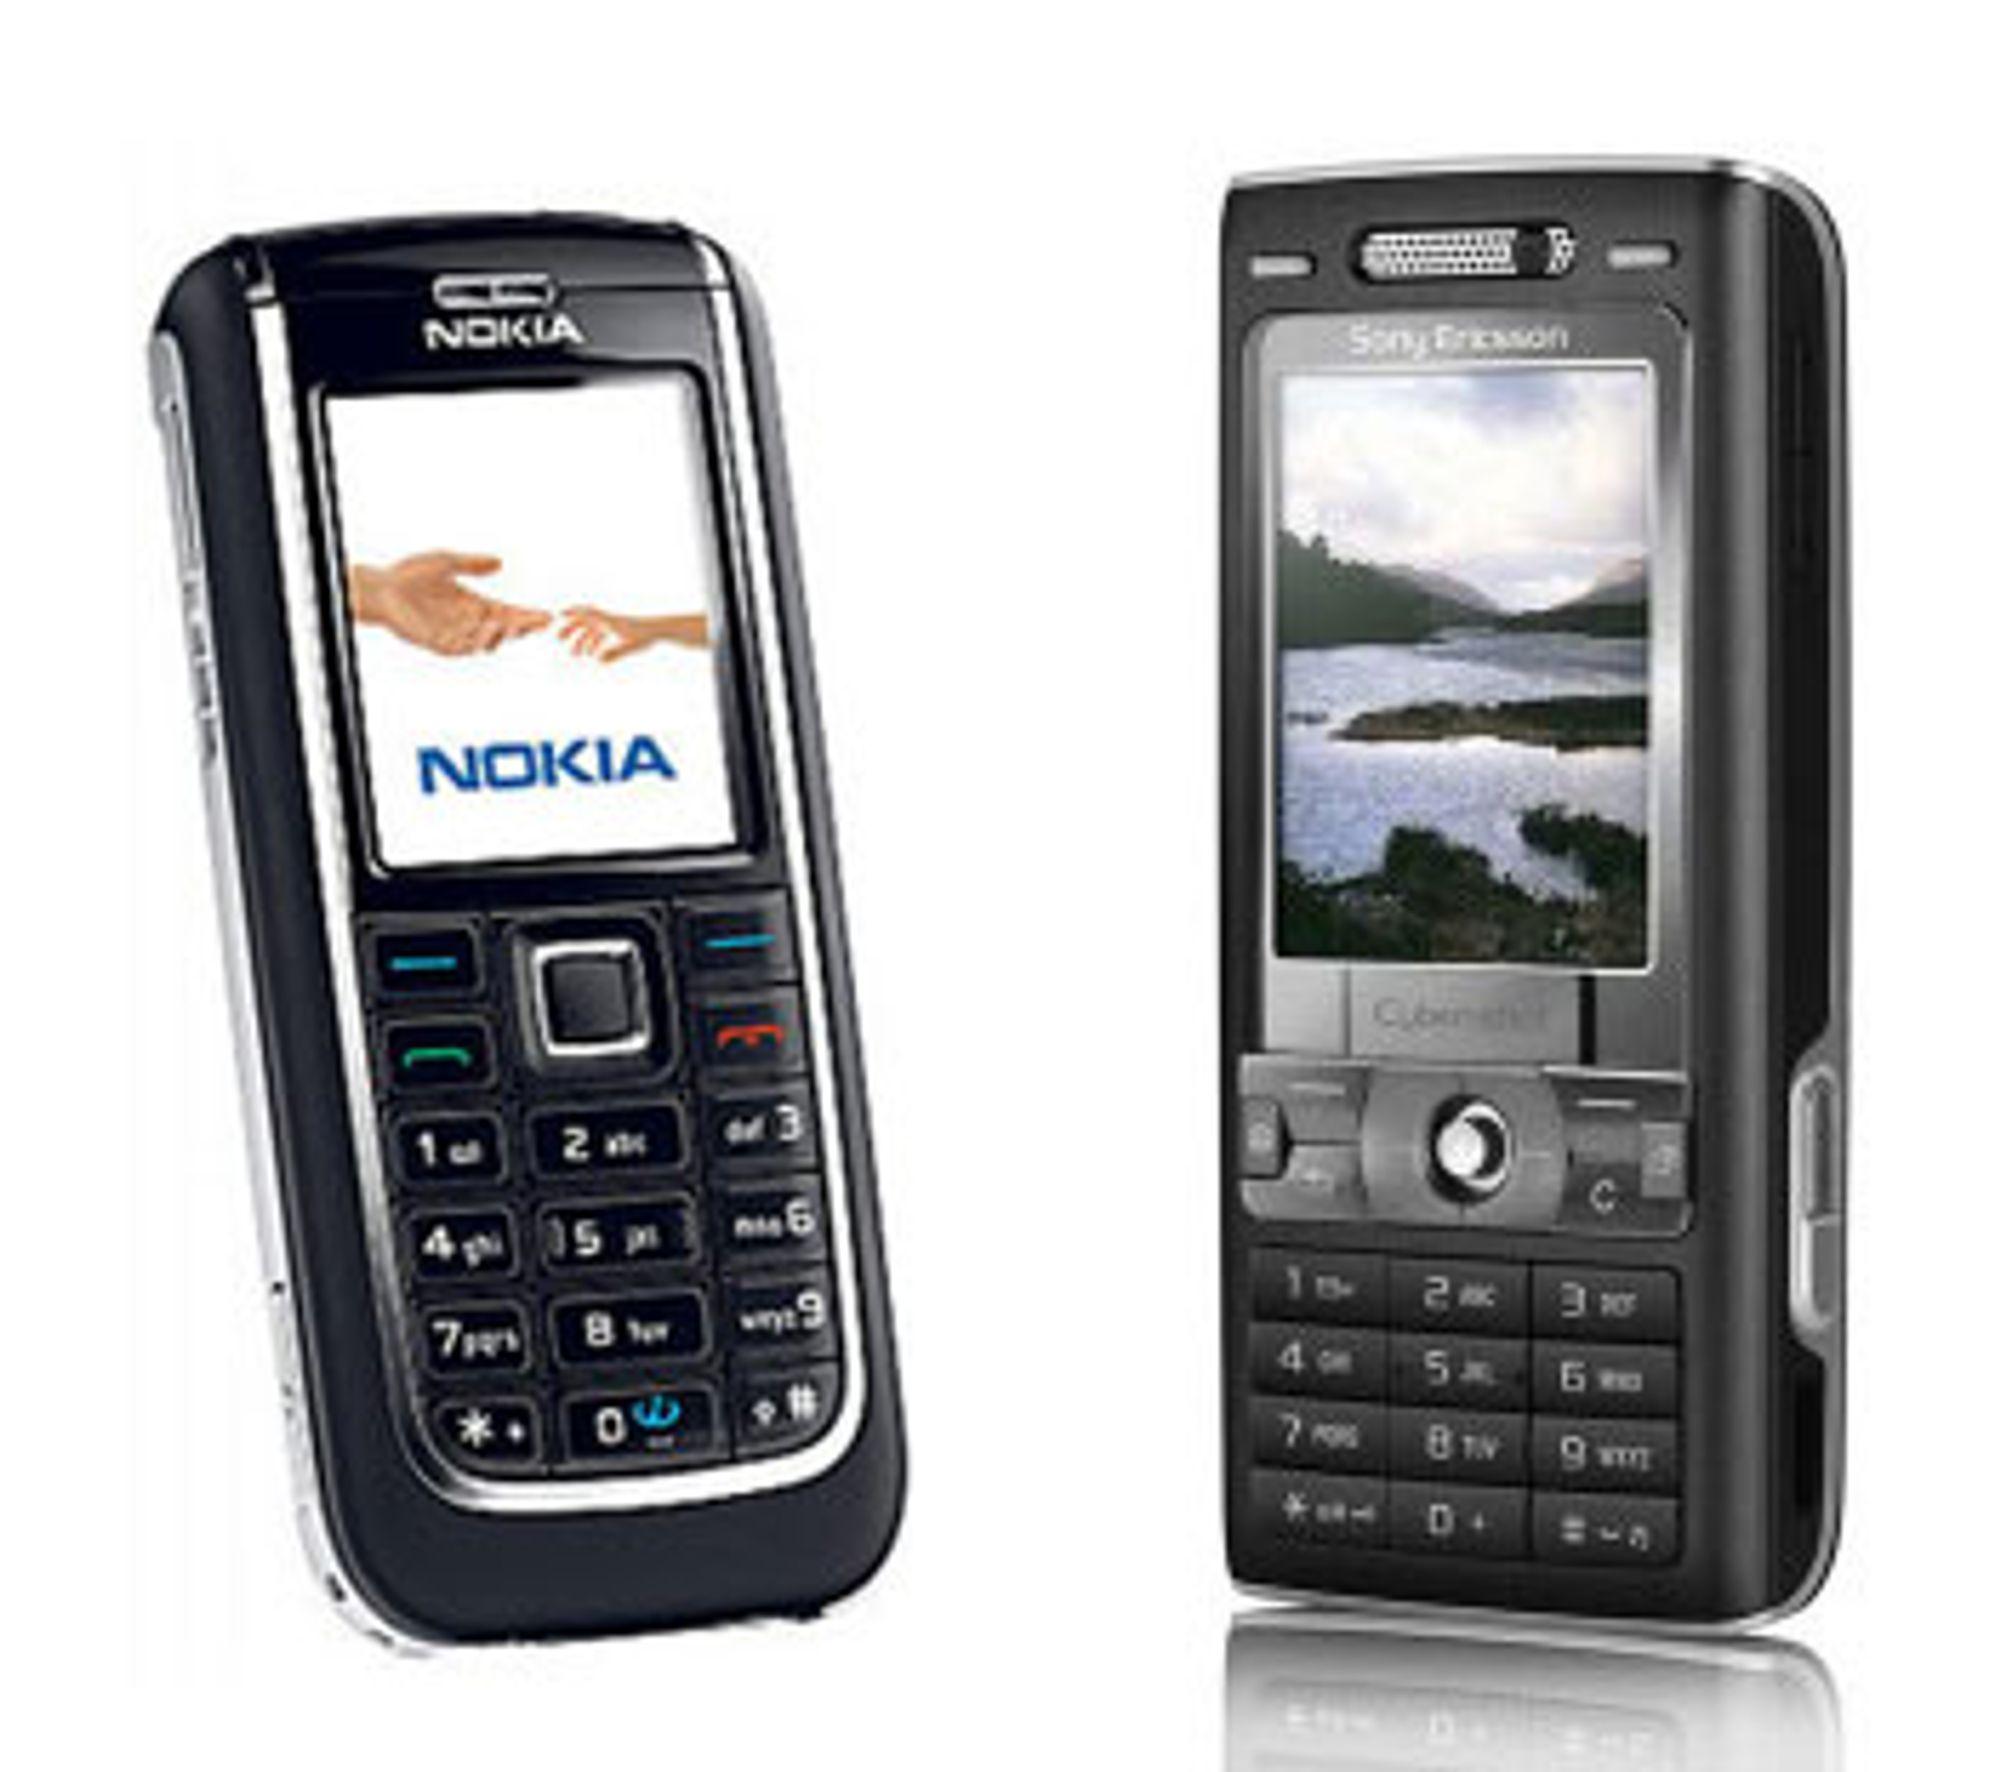 Hvilken telefon ville du tatt med deg på tur?